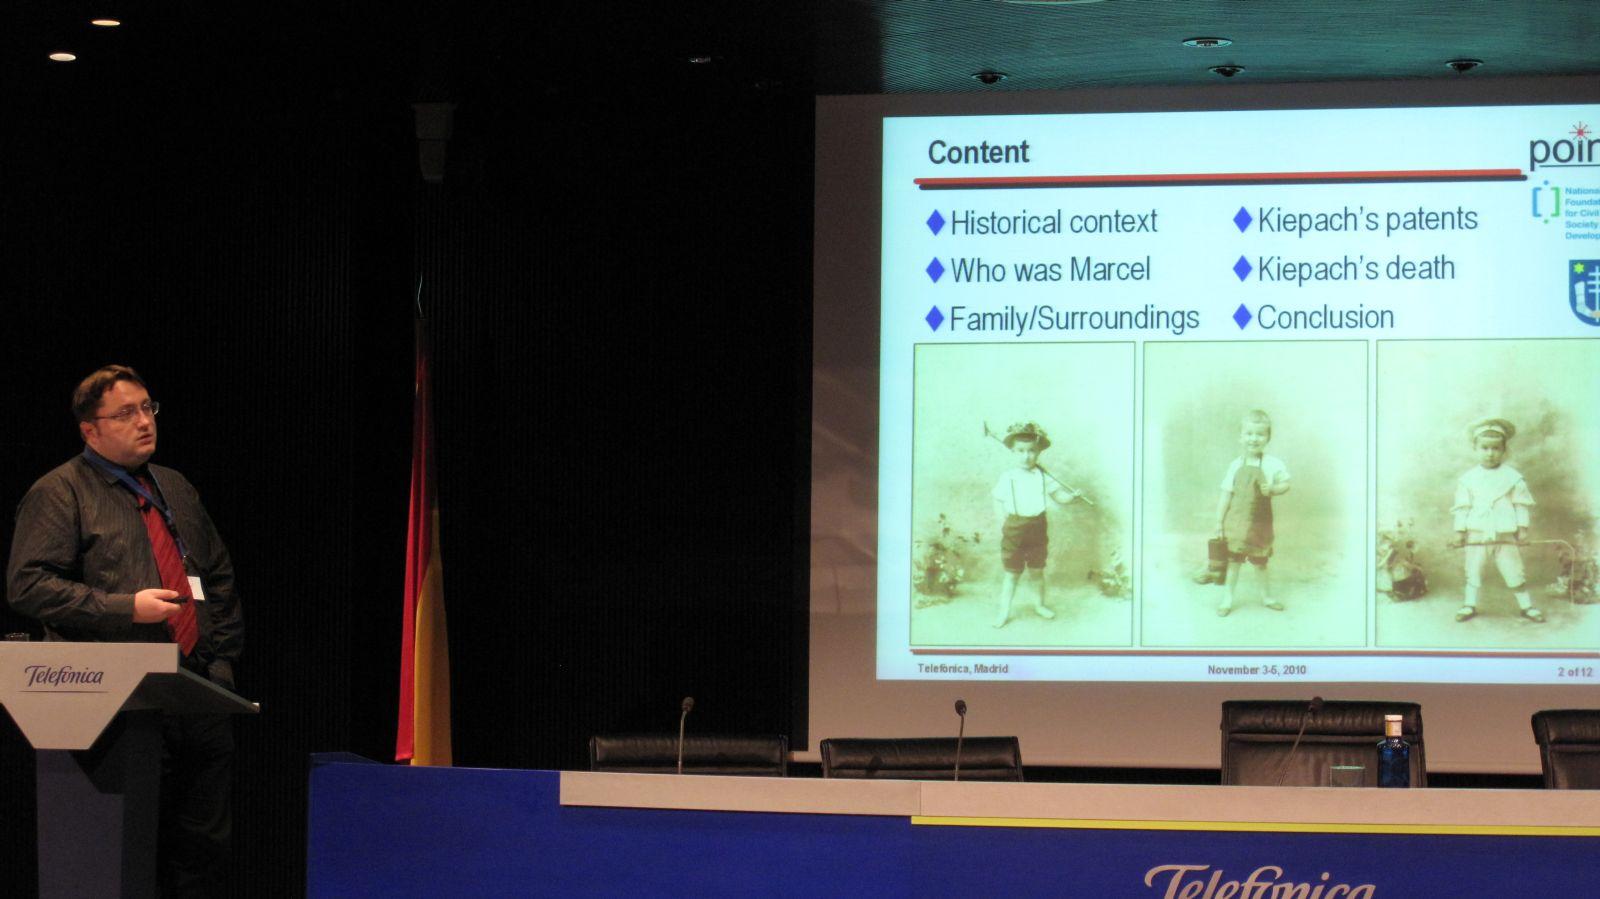 Predavanje o Kiepachu na 2. međunarodnoj konferenciji HISTELCON u Madridu, studeni 2010.